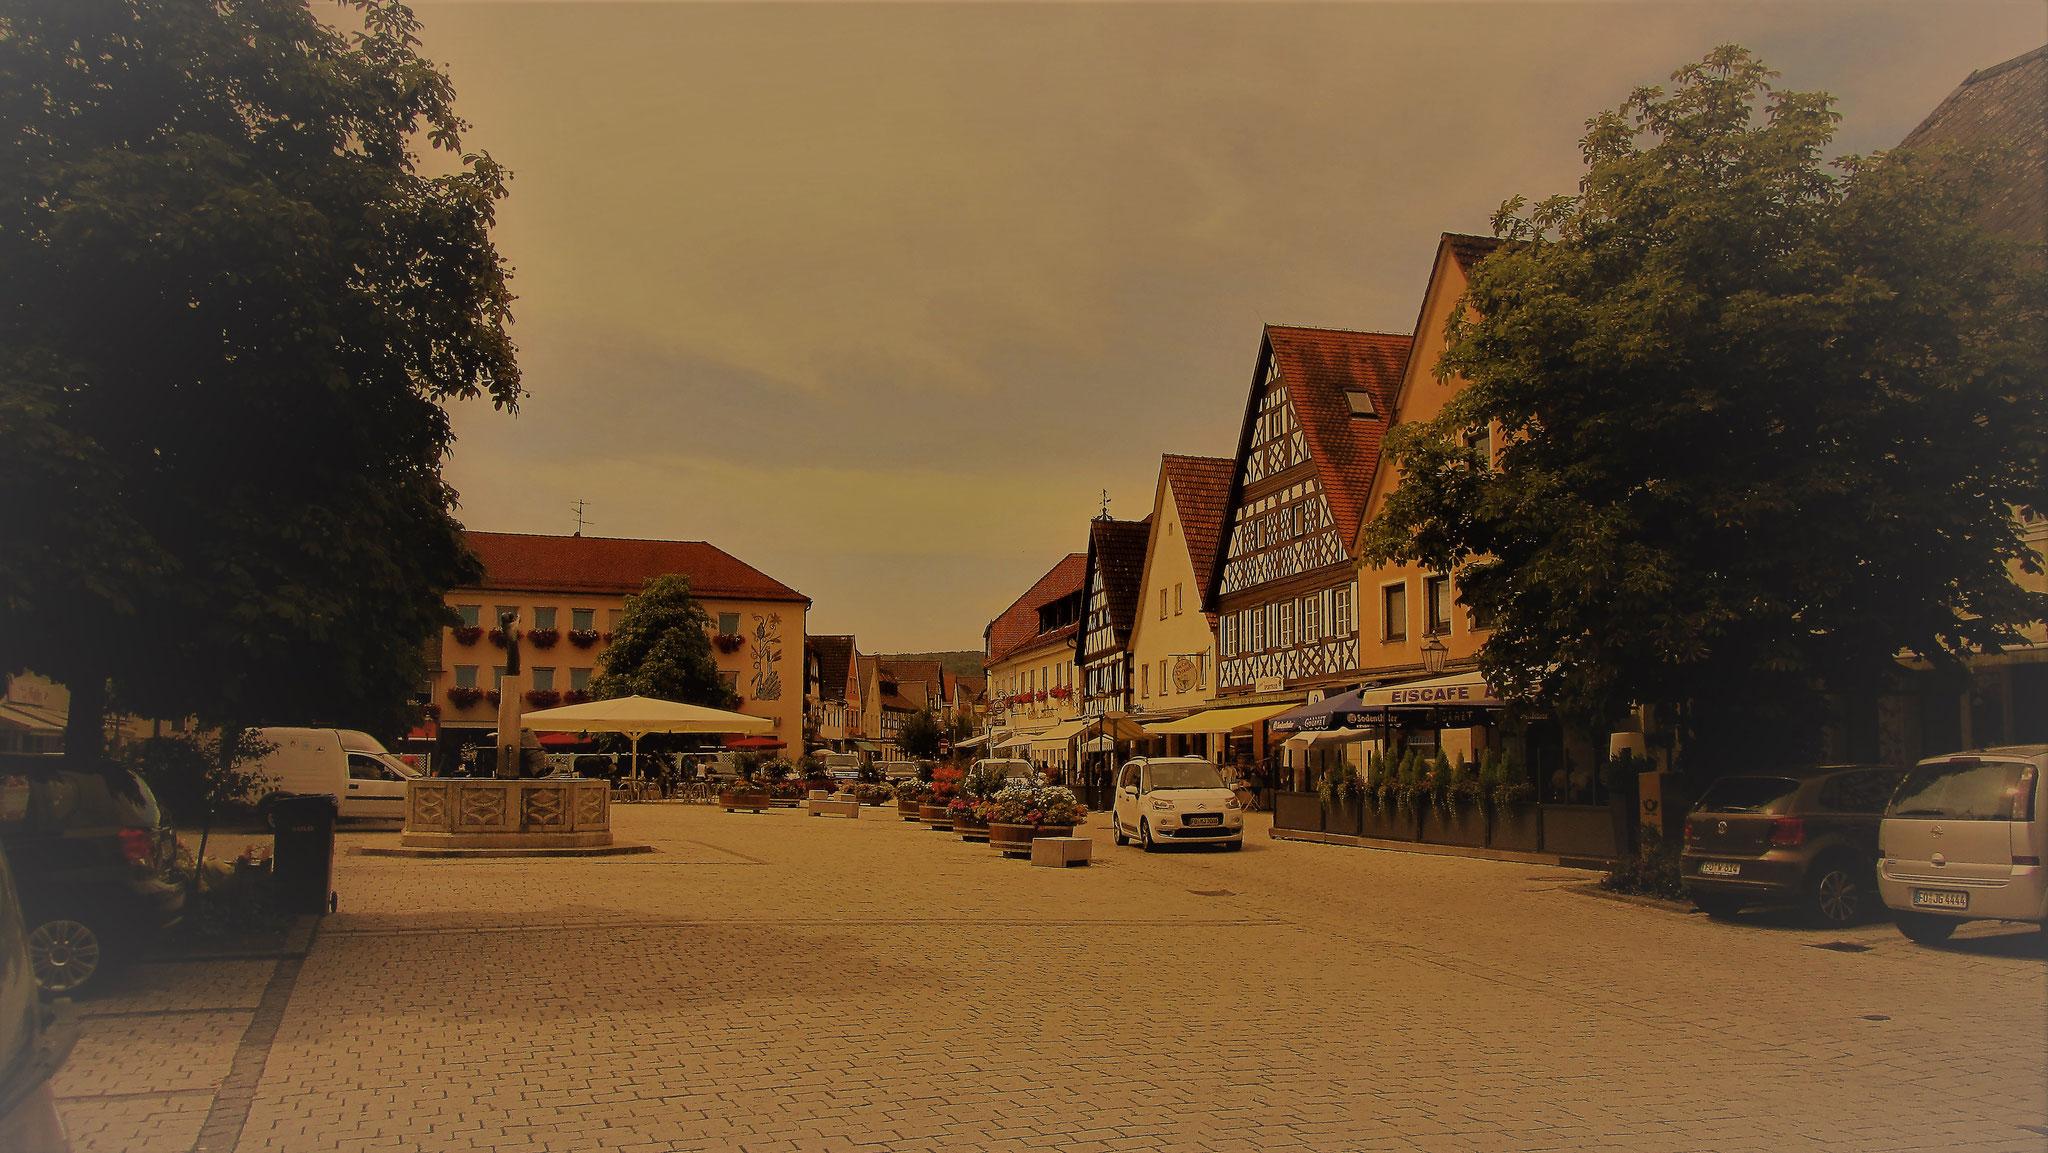 Der Marktplatz von Ebermannstadt in der Fränkischen Schweiz. 2km vom Landgasthof Bieger entfernt.